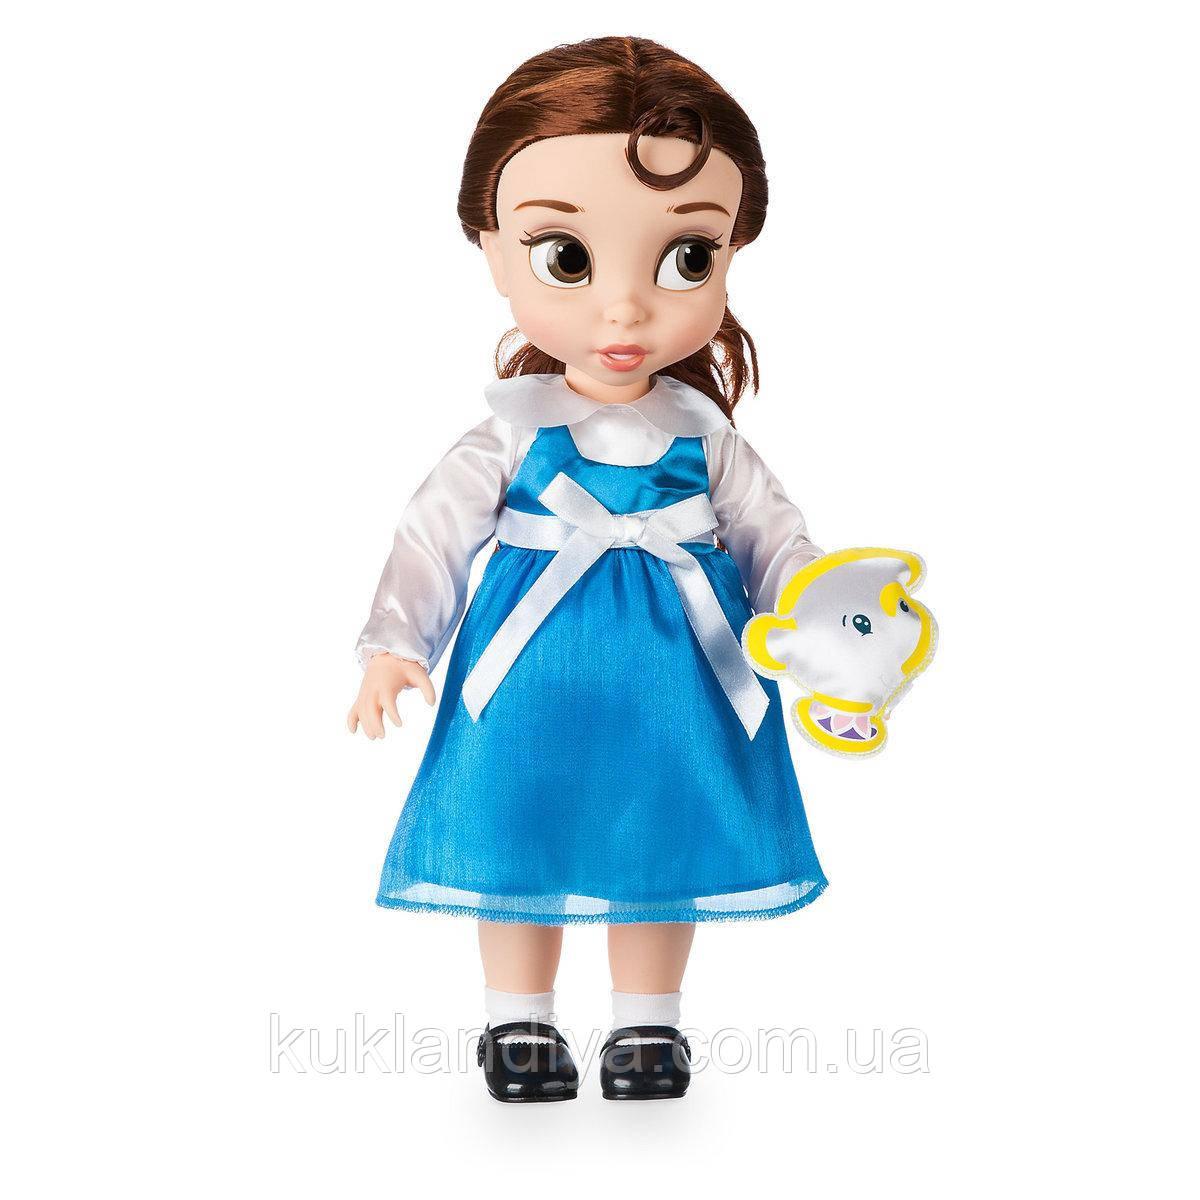 Кукла Дисней Бель Аниматор - Disney Animators' Collection Belle